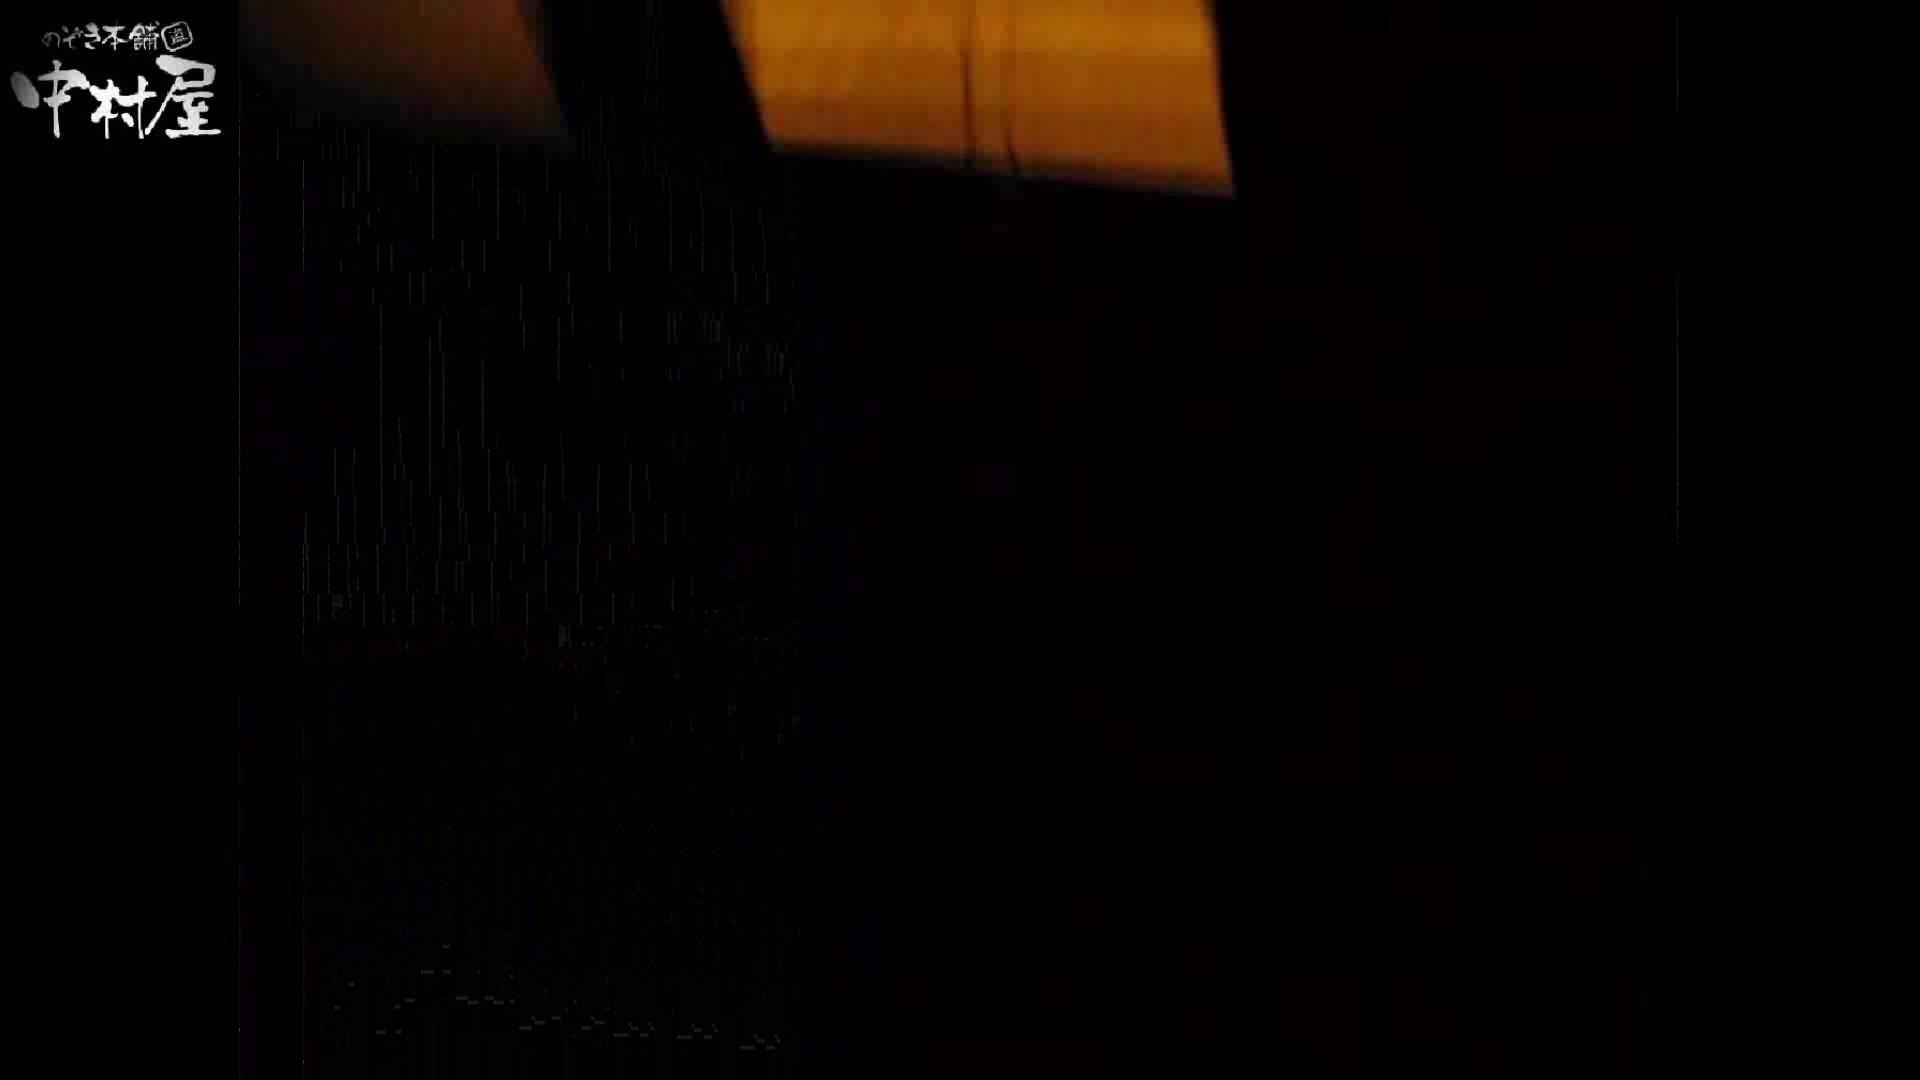 民家風呂専門盗撮師の超危険映像 vol.008 盗撮師作品   民家  94pic 73